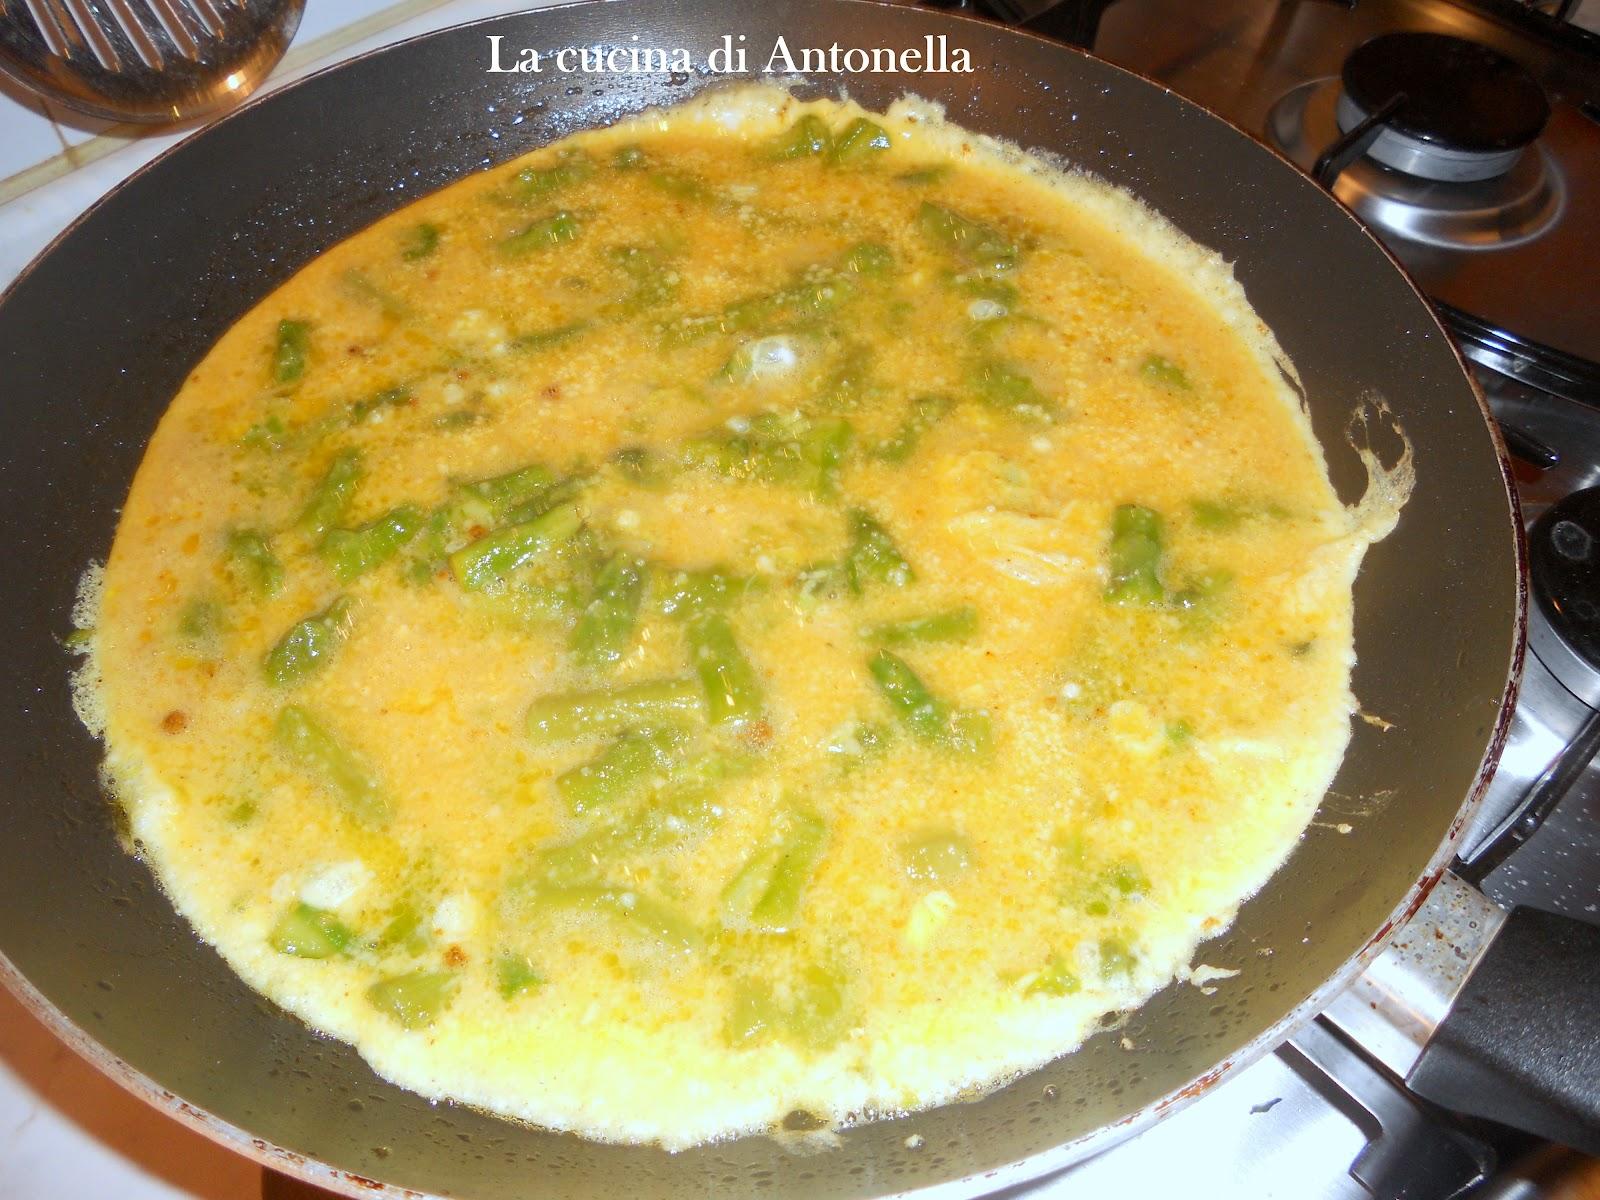 Frittata agli asparagi e curry da la cucina di antonella - La cucina di antonella ...